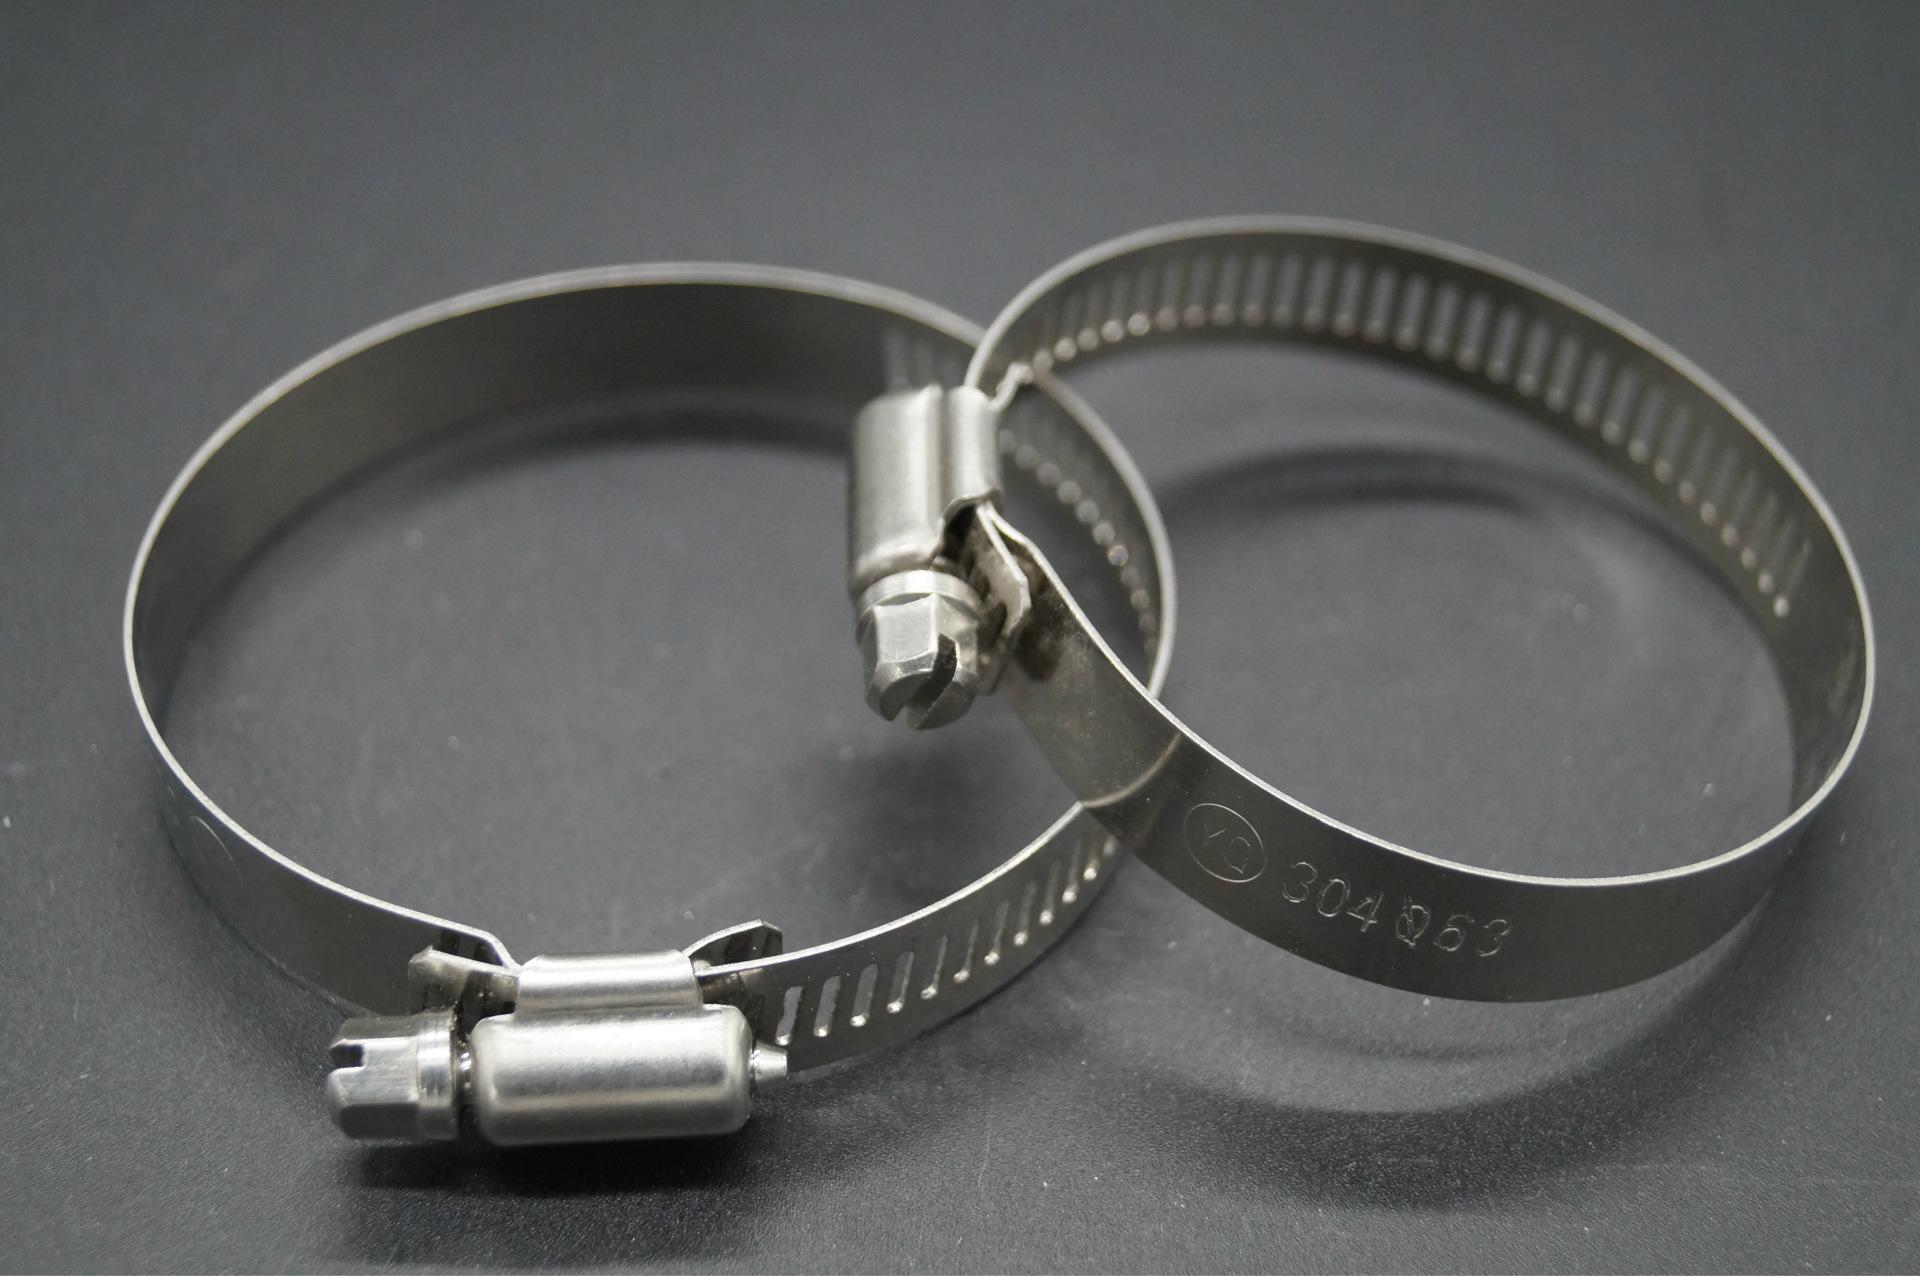 Yongyi Đai kẹp(đai ôm) Kẹp ống thép không gỉ Yongyi 201, kẹp ống mạnh, kẹp ống, kẹp ống, kẹp, bó ống